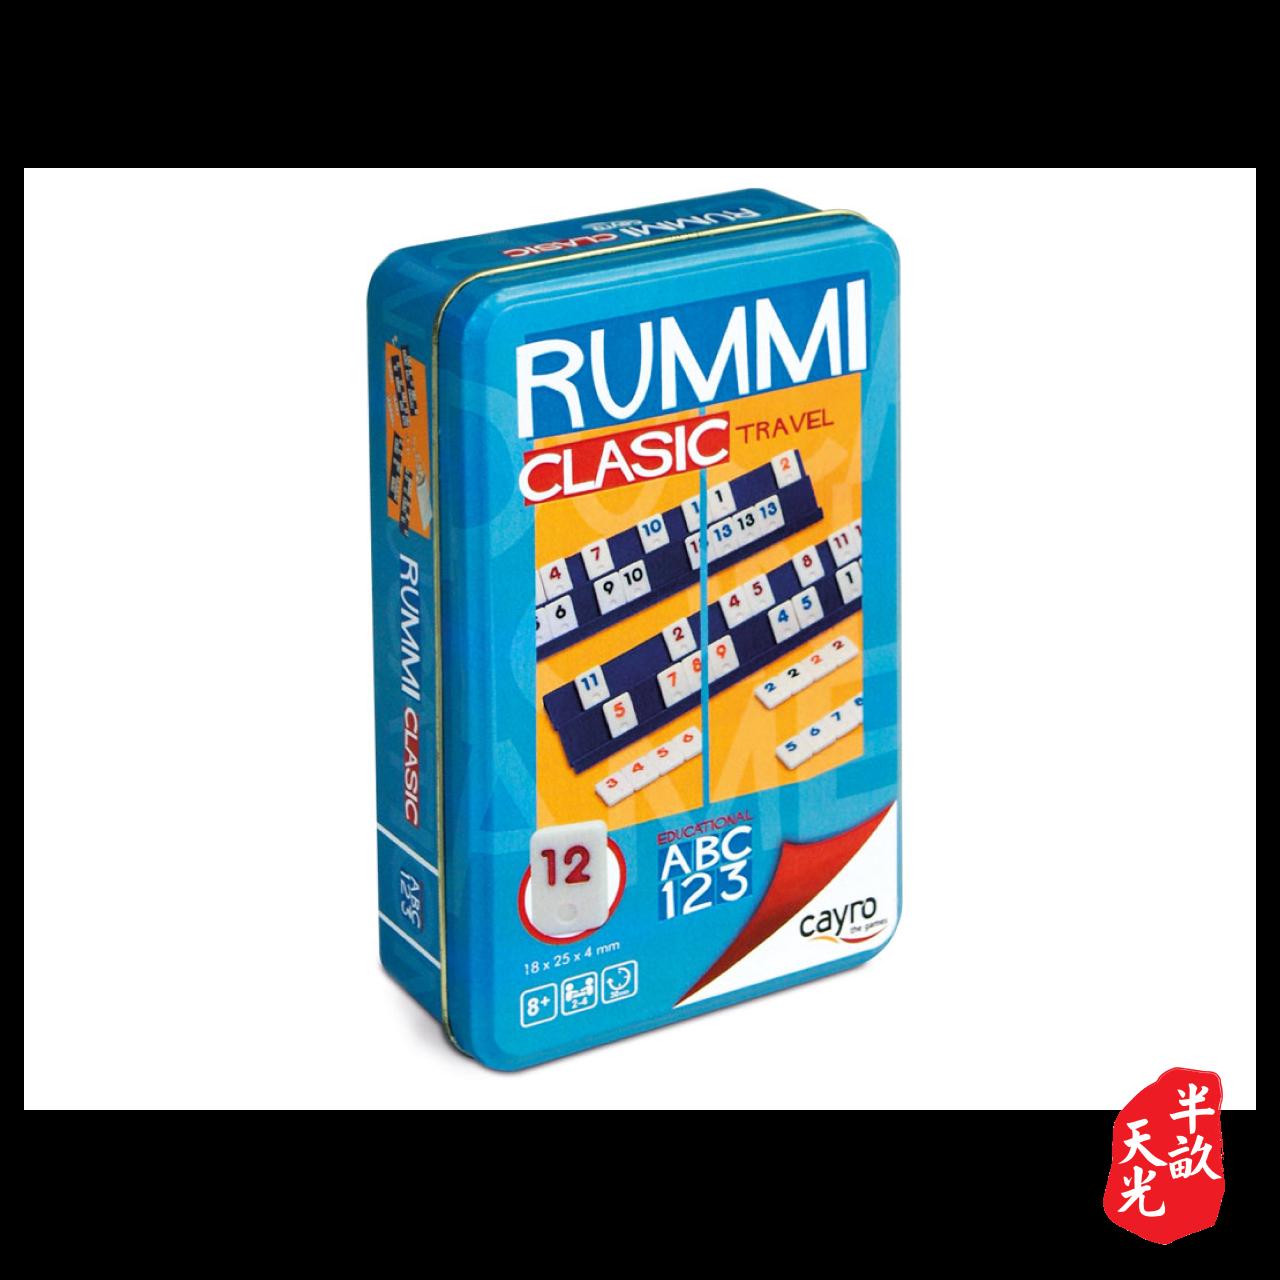 儿童桌游/儿童游戏/正版桌游:RUMMI CLASSIC TRAVEL in Metal Box 经典拉密 (铁盒)